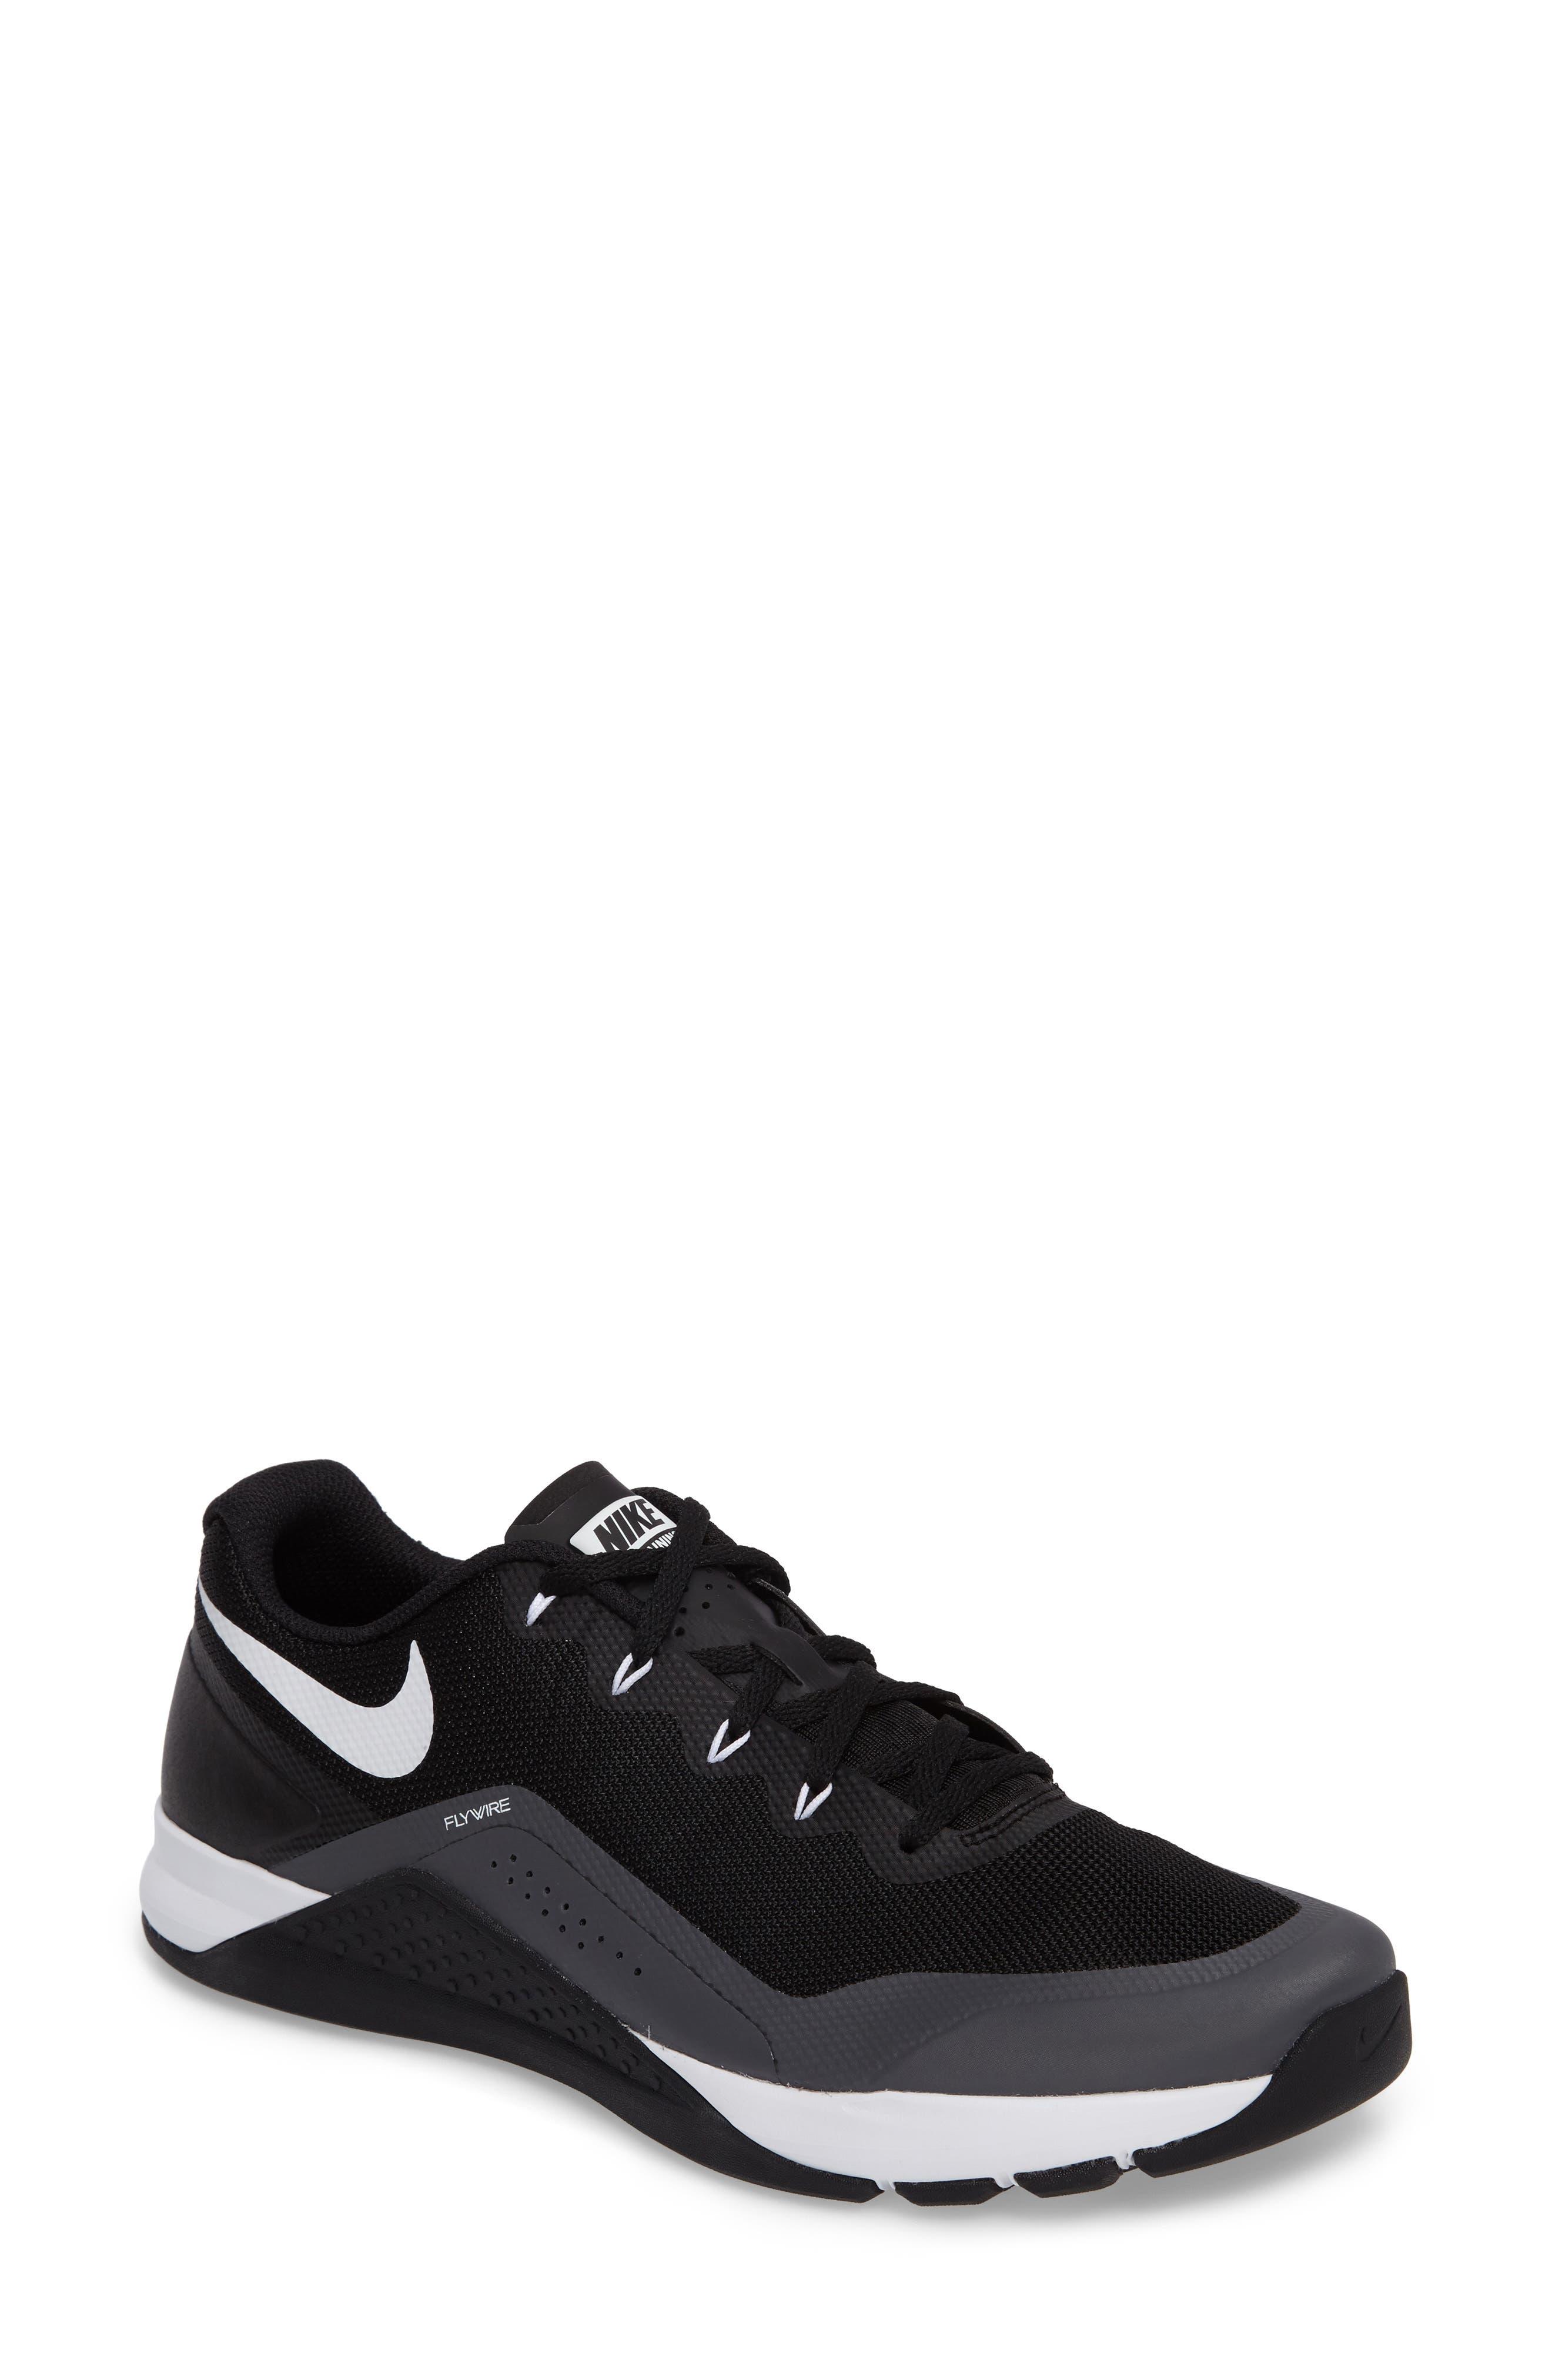 Main Image - Nike Metcon Repper DSX Training Shoe (Women)